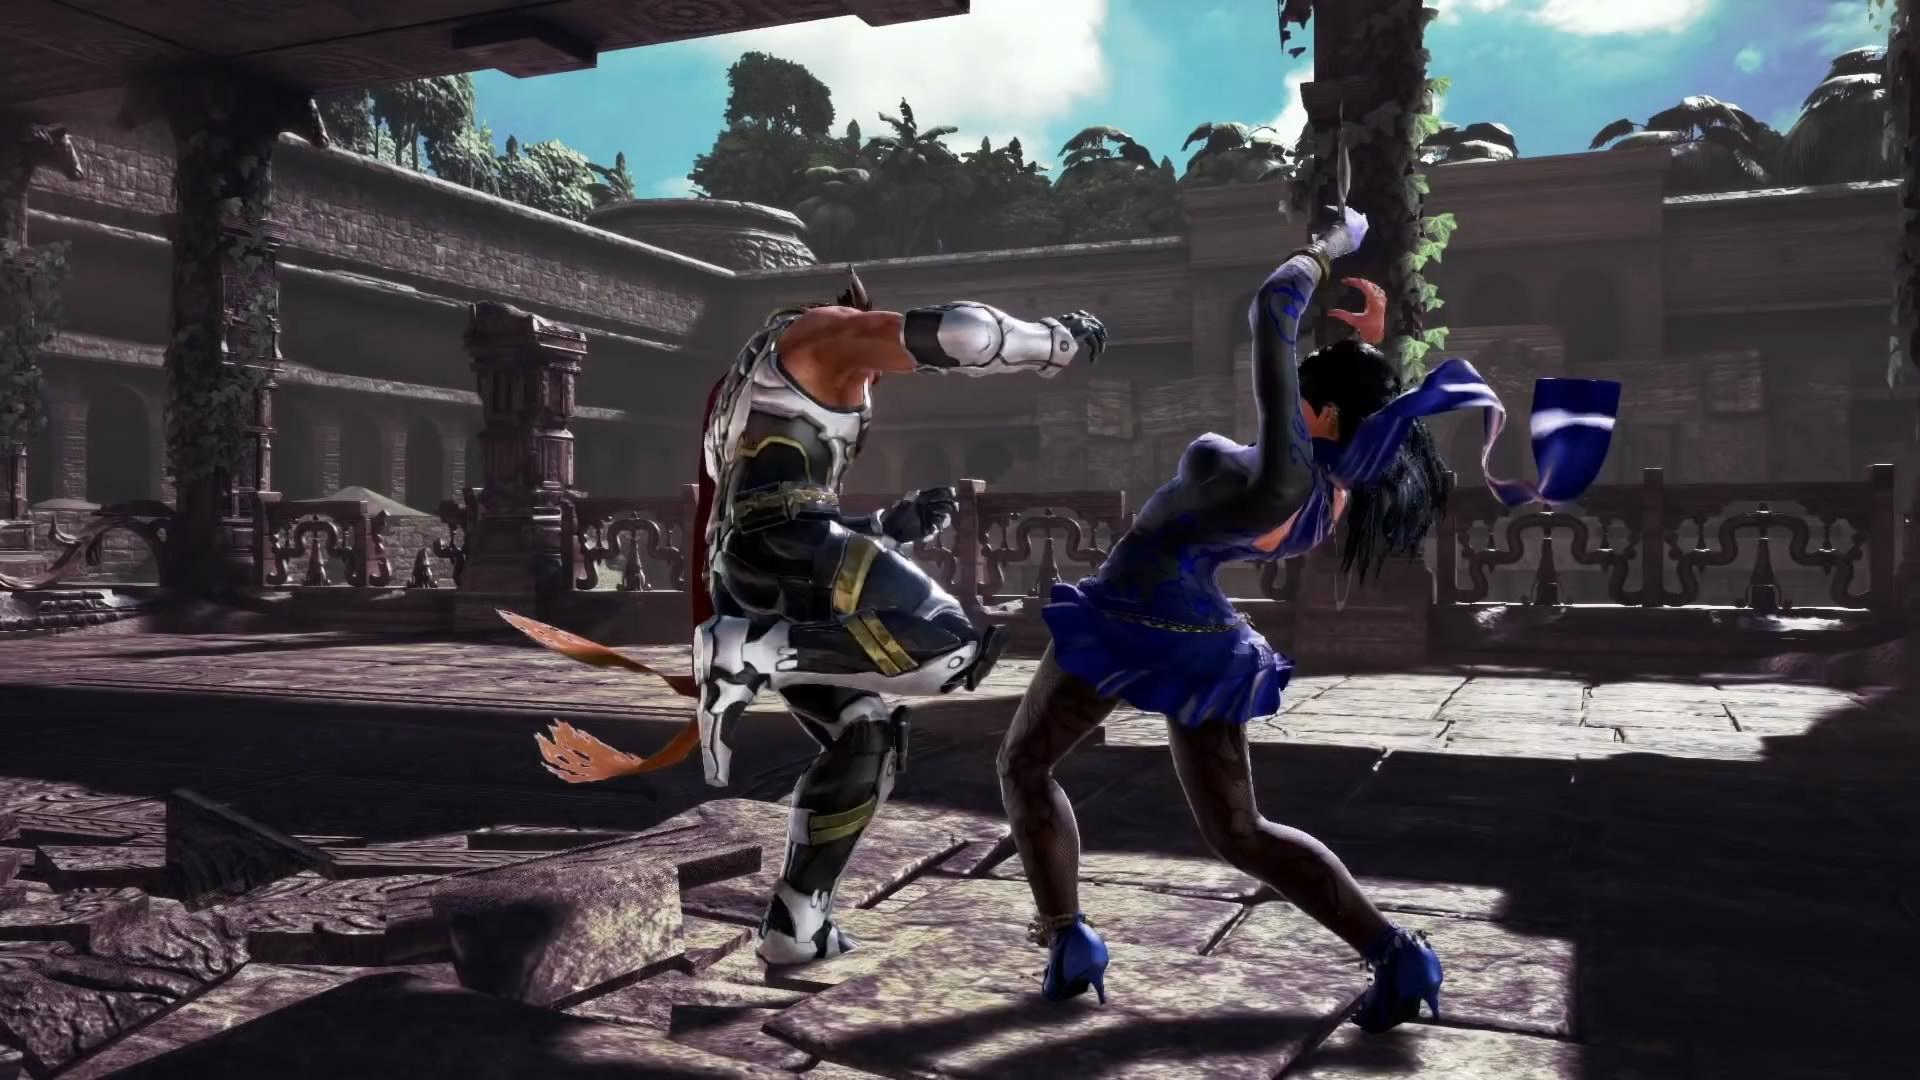 《铁拳7》新DLC角色扎菲娜宣传片 该角色已解锁